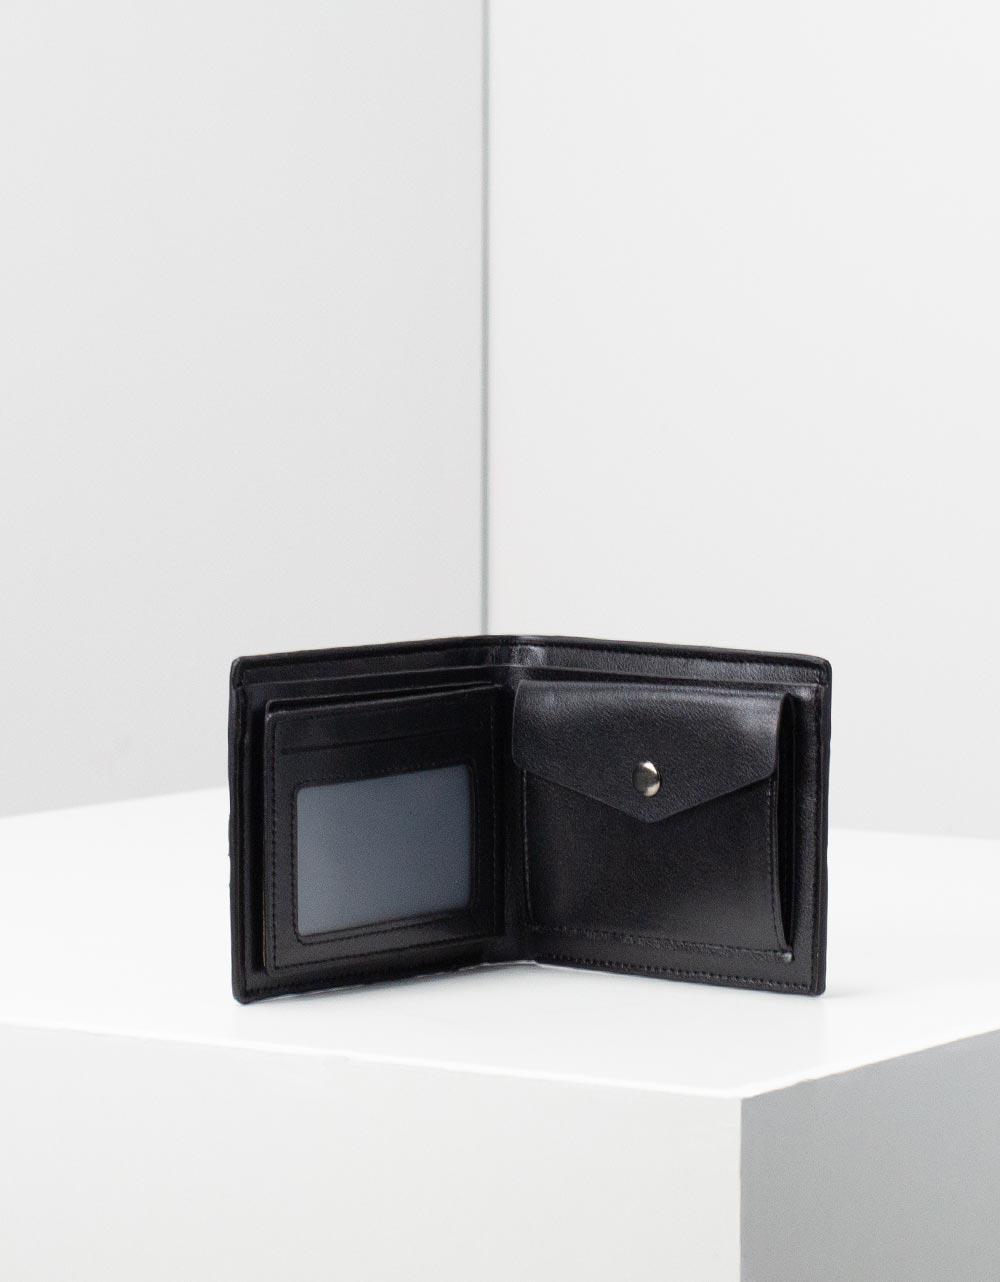 Εικόνα από Ανδρικά δερμάτινα πορτοφόλια με διακοσμητικές ρίγες Μαύρο